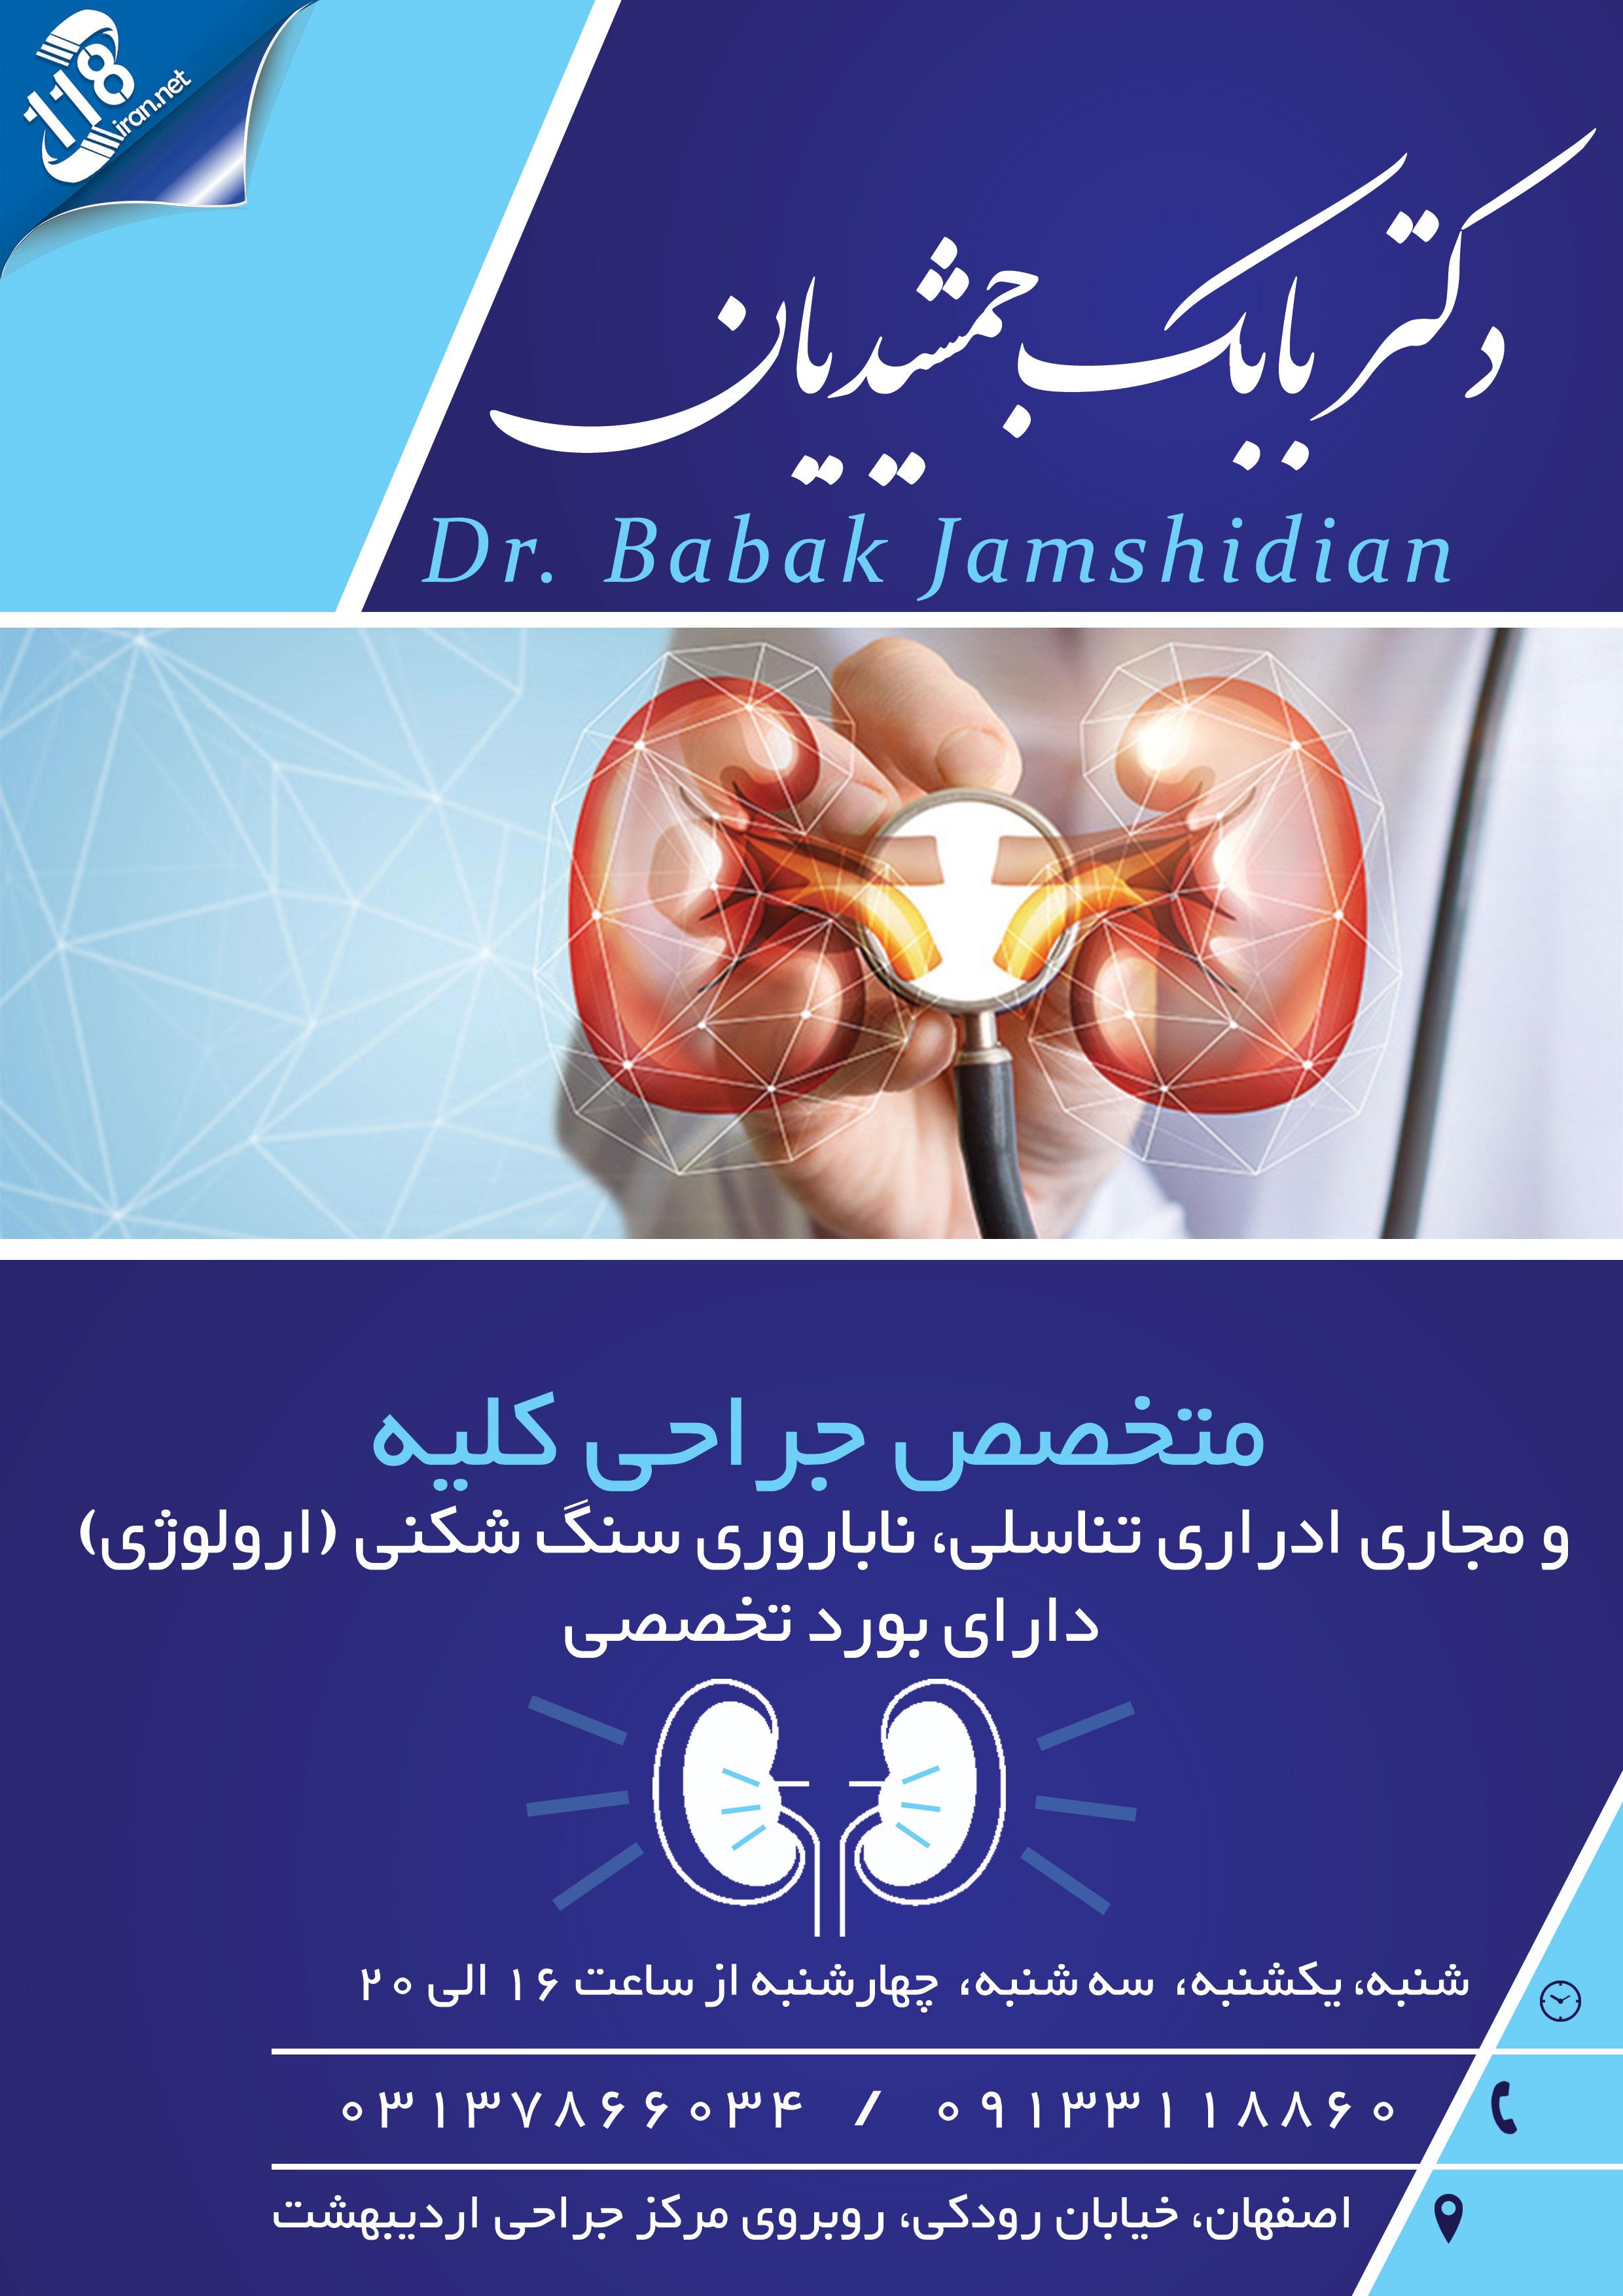 دکتر بابک جمشیدیان در اصفهان